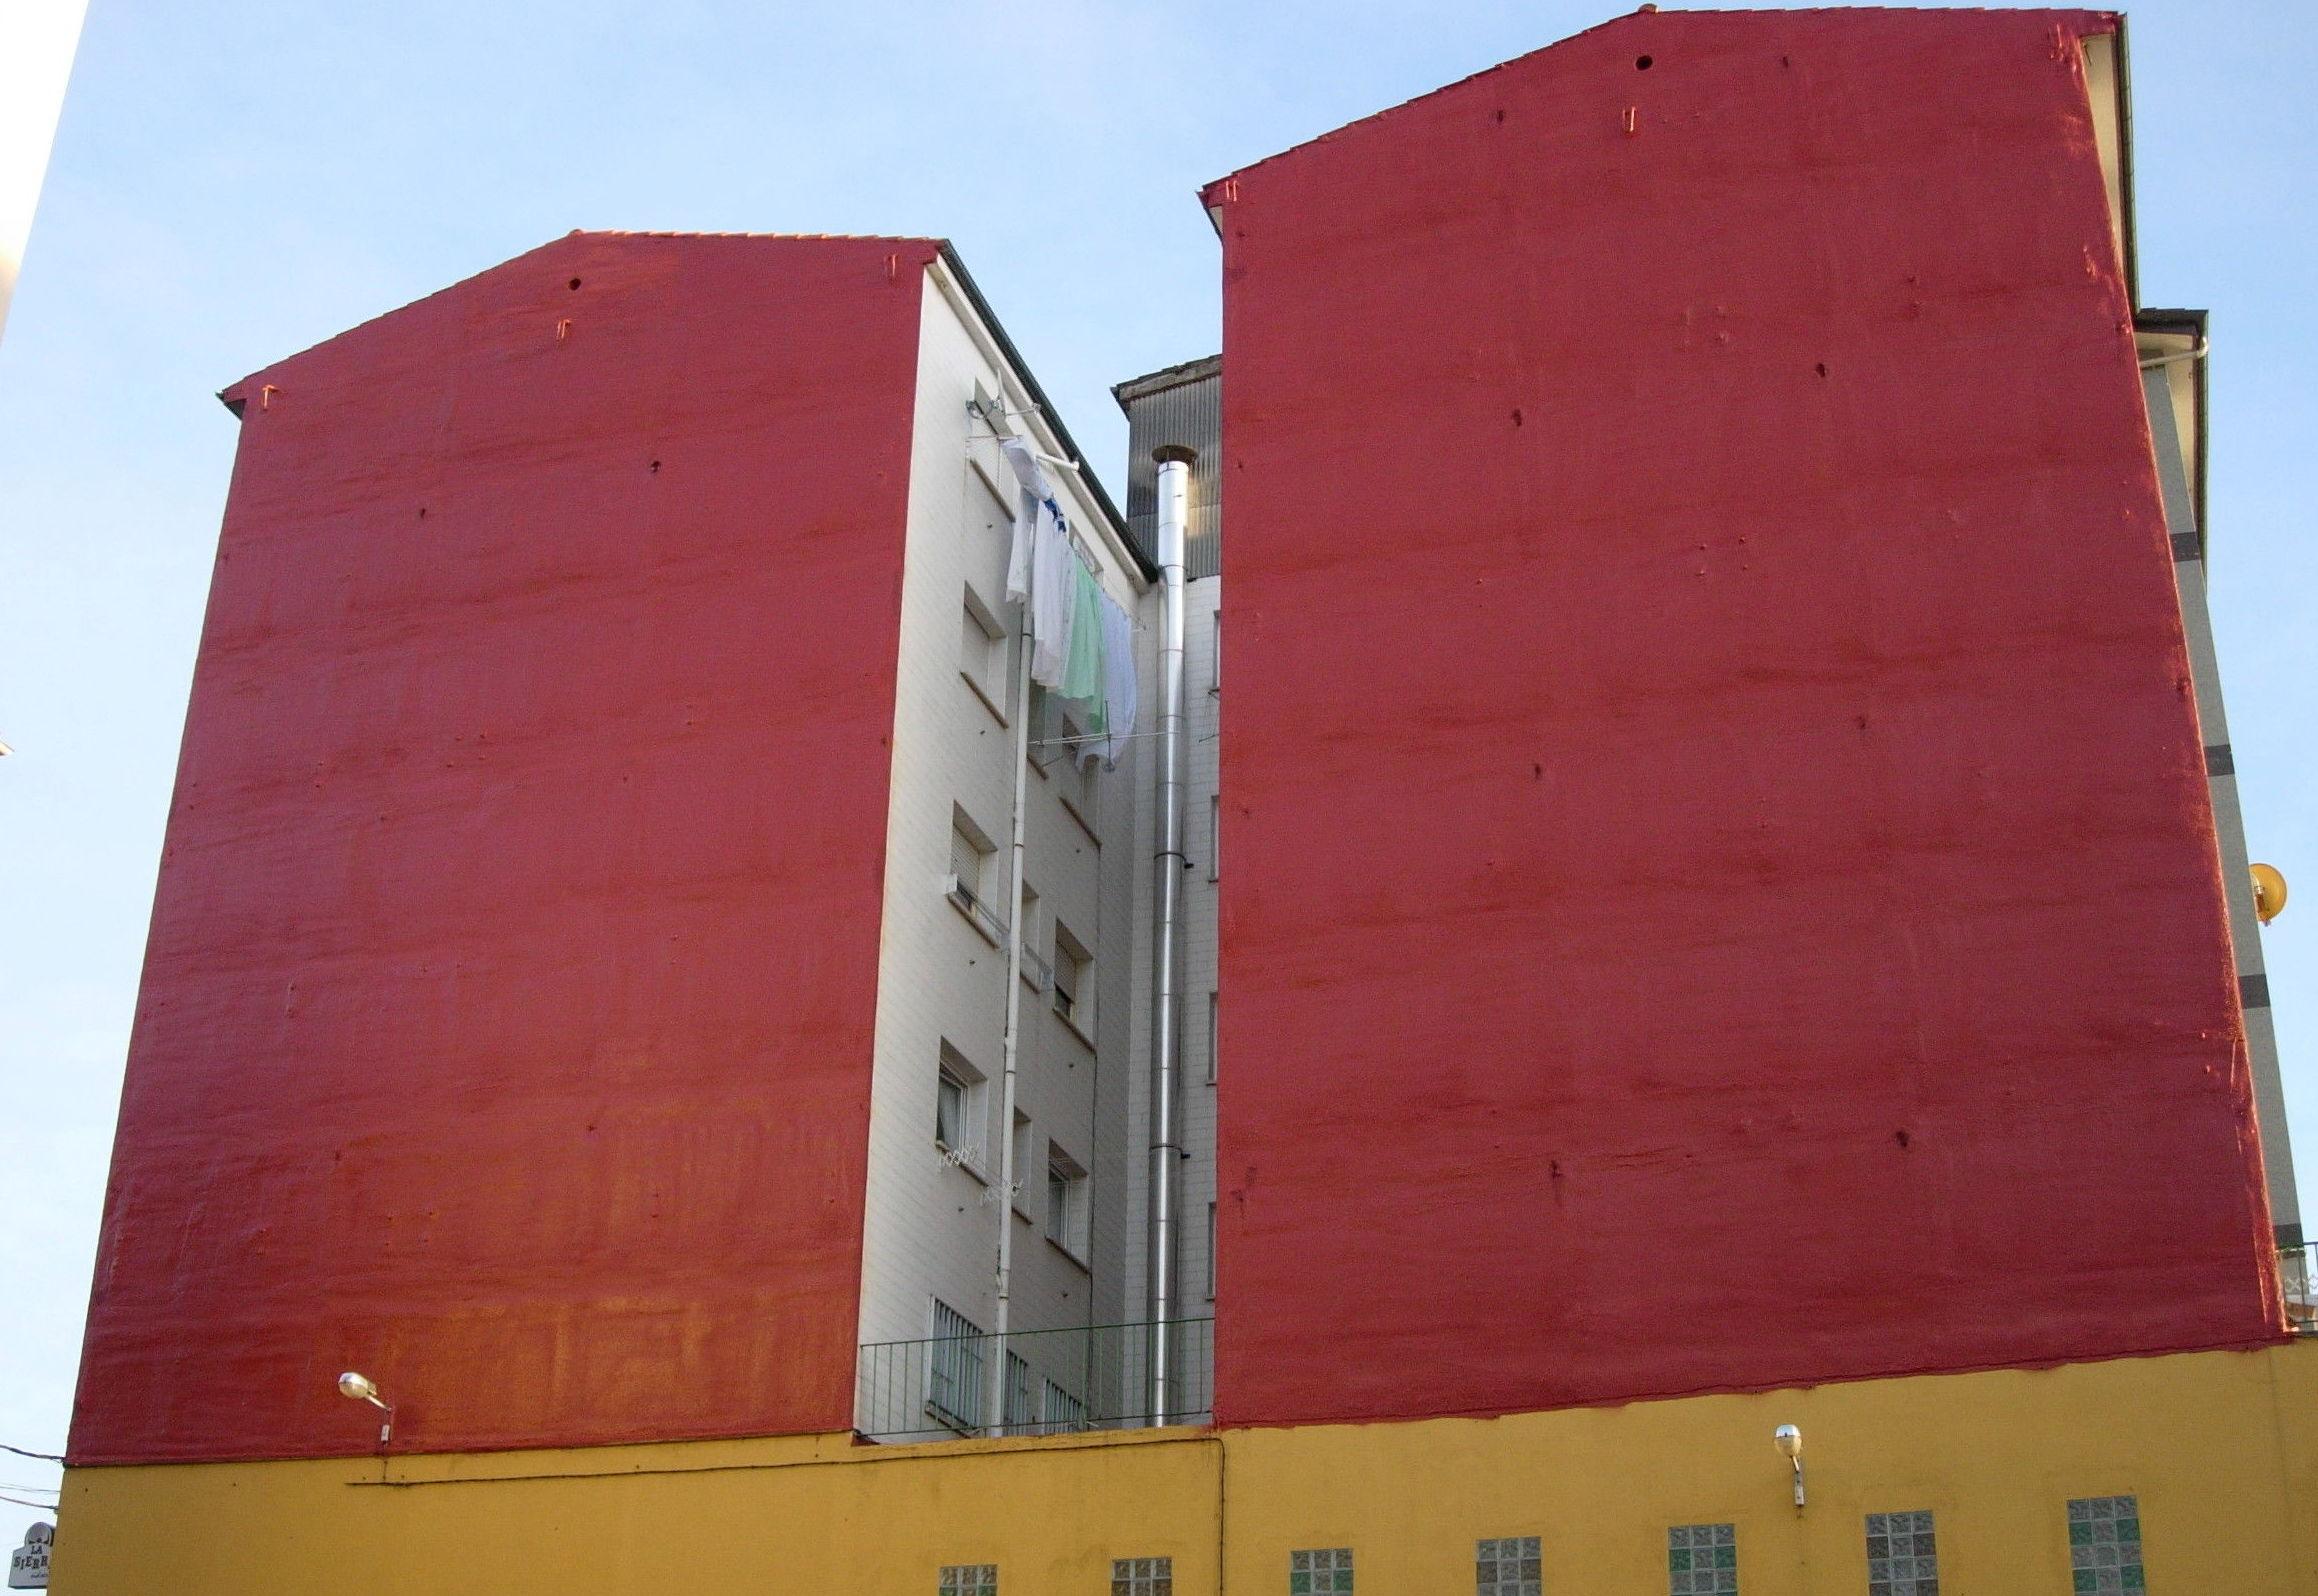 Aislamiento de fachadas con poliuretano proyectado protegido a los UVA